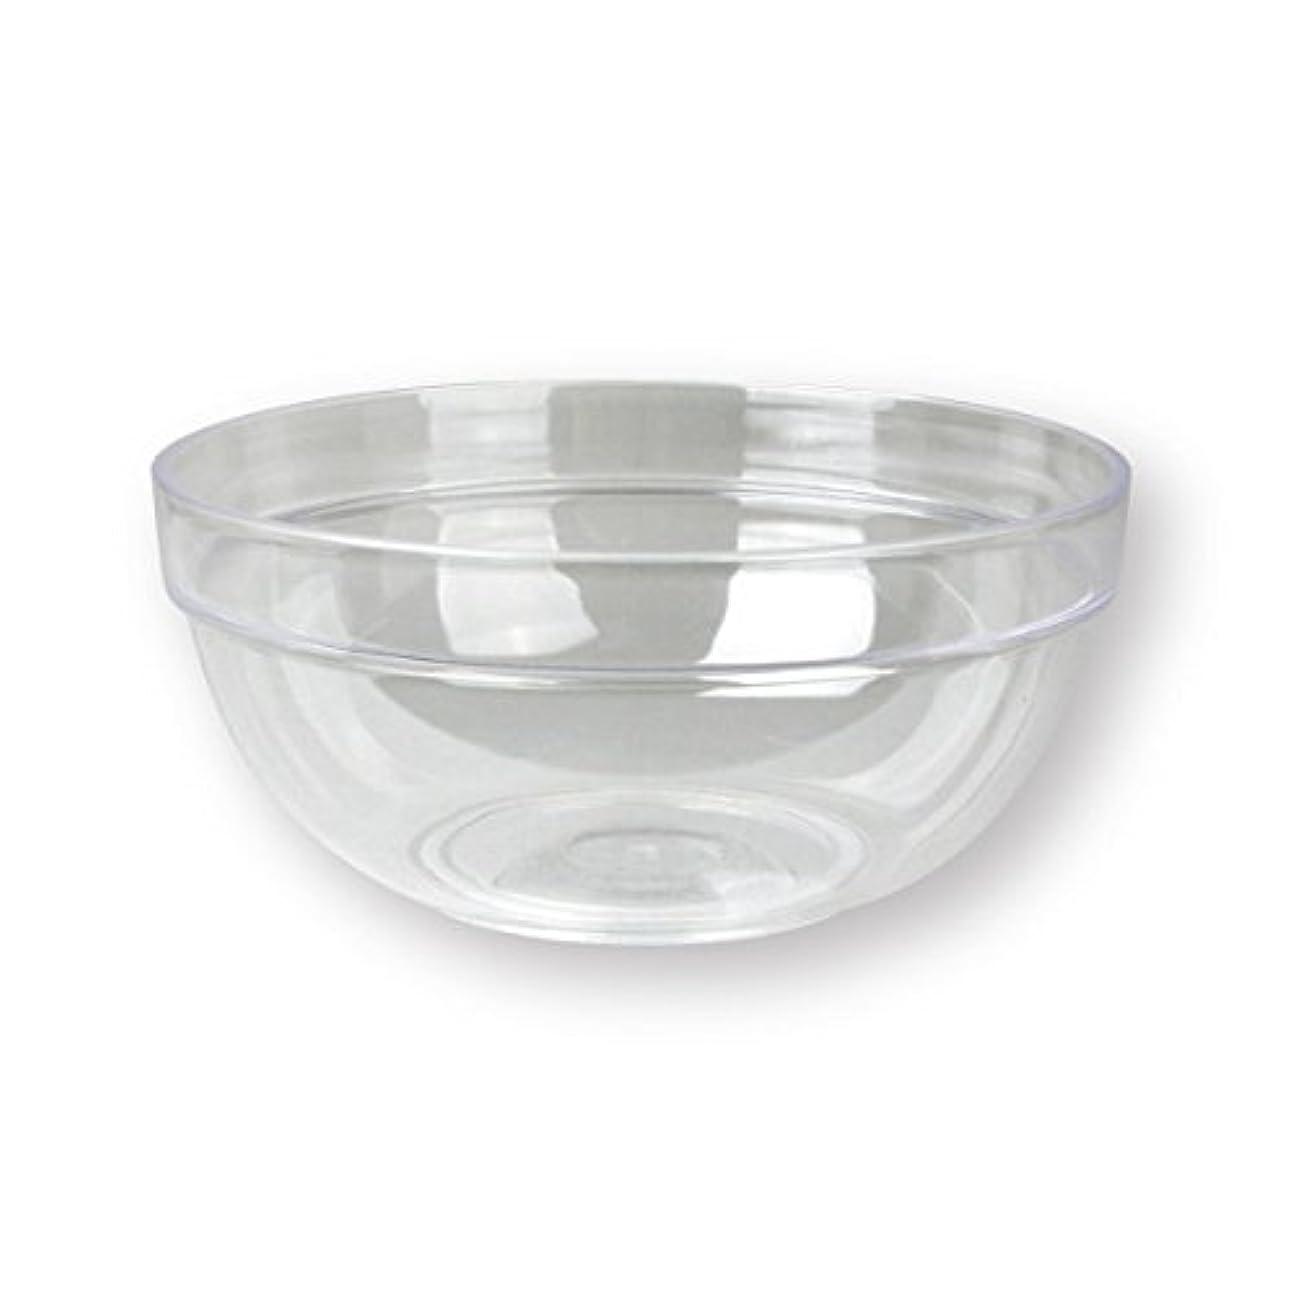 面衝突モニター4個セットプラスチックボール プラスチック ボウル カップクリア 直径20cm